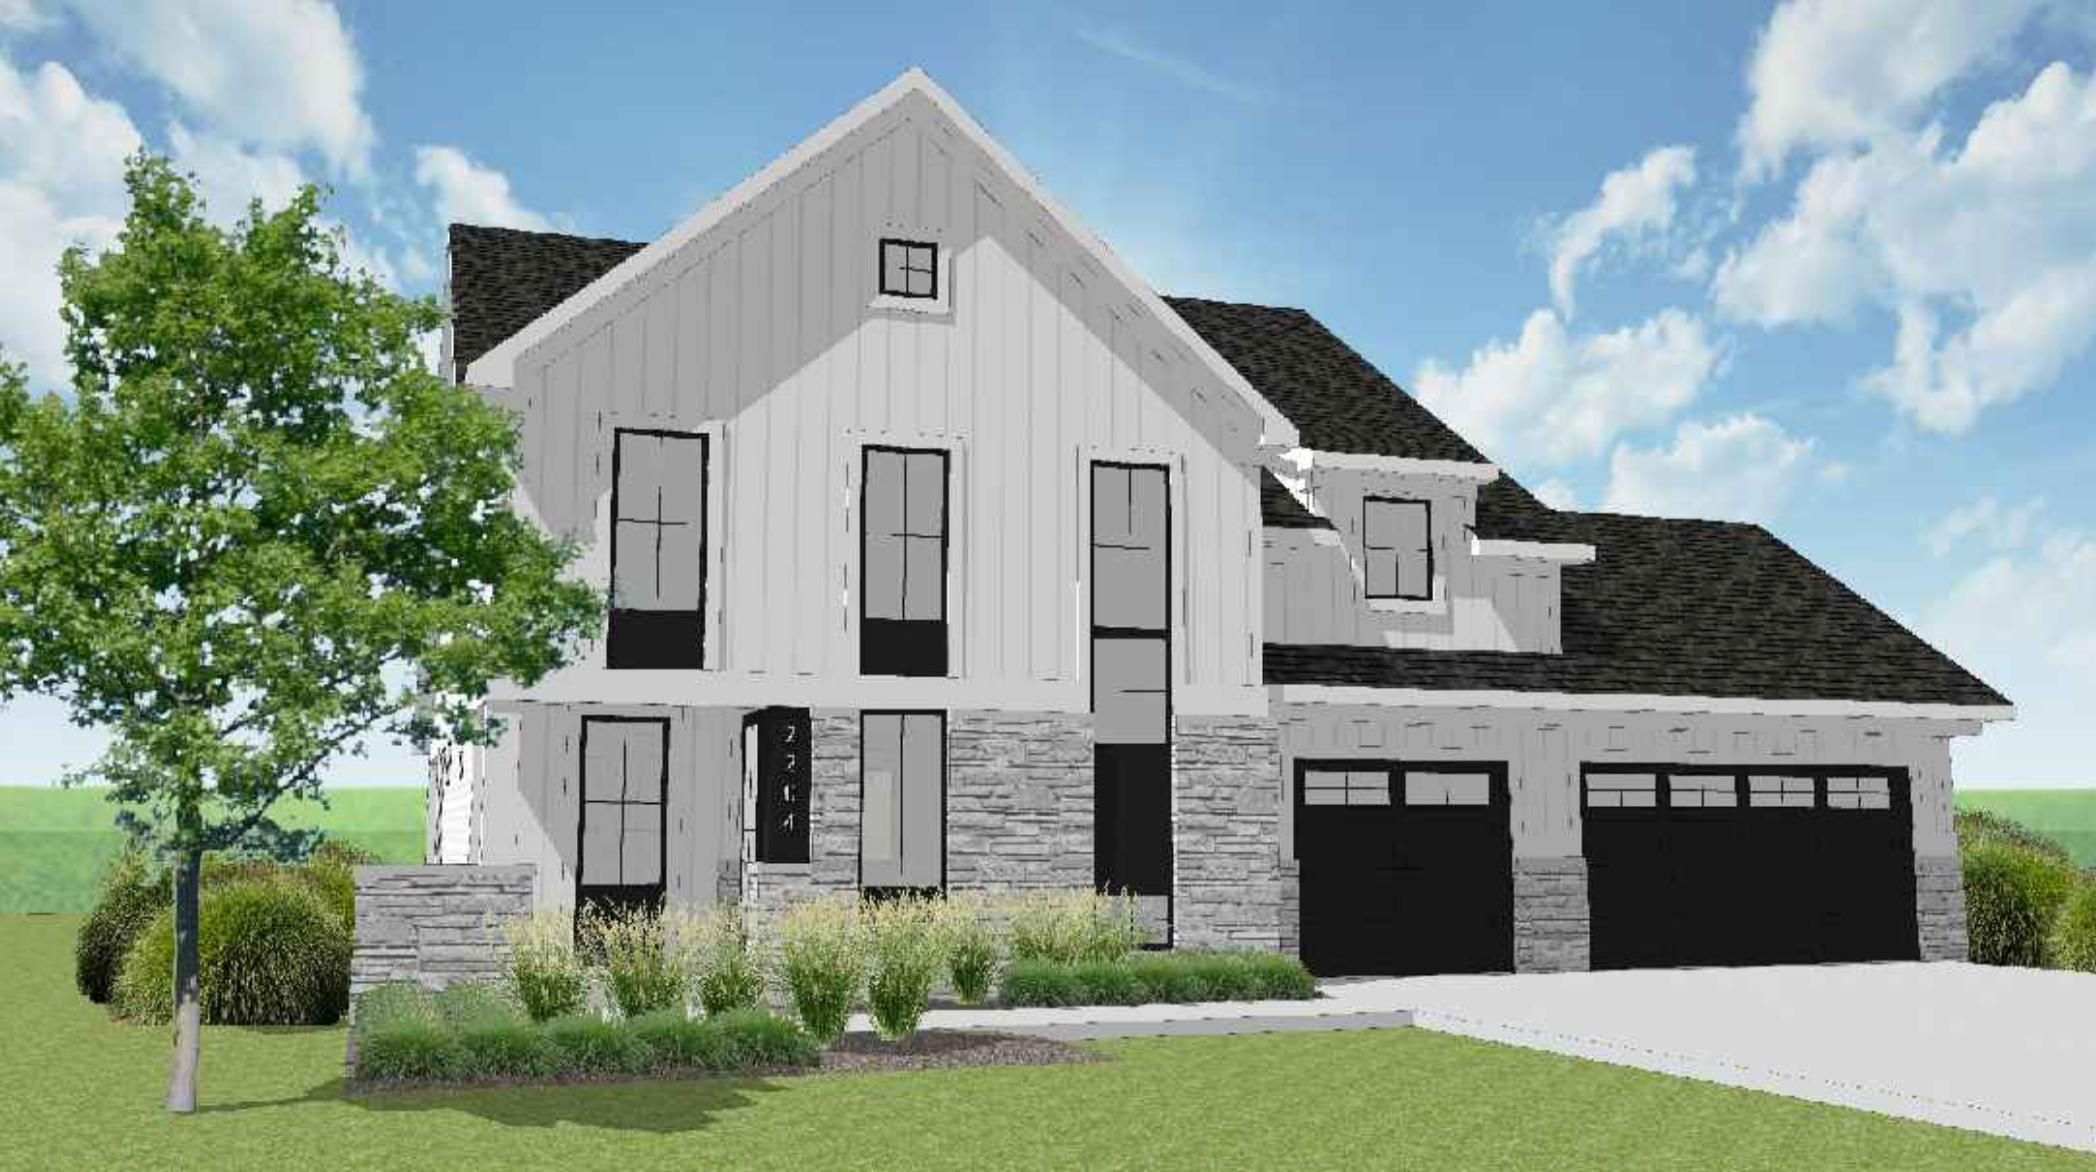 Willow 2 Modern Farmhouse